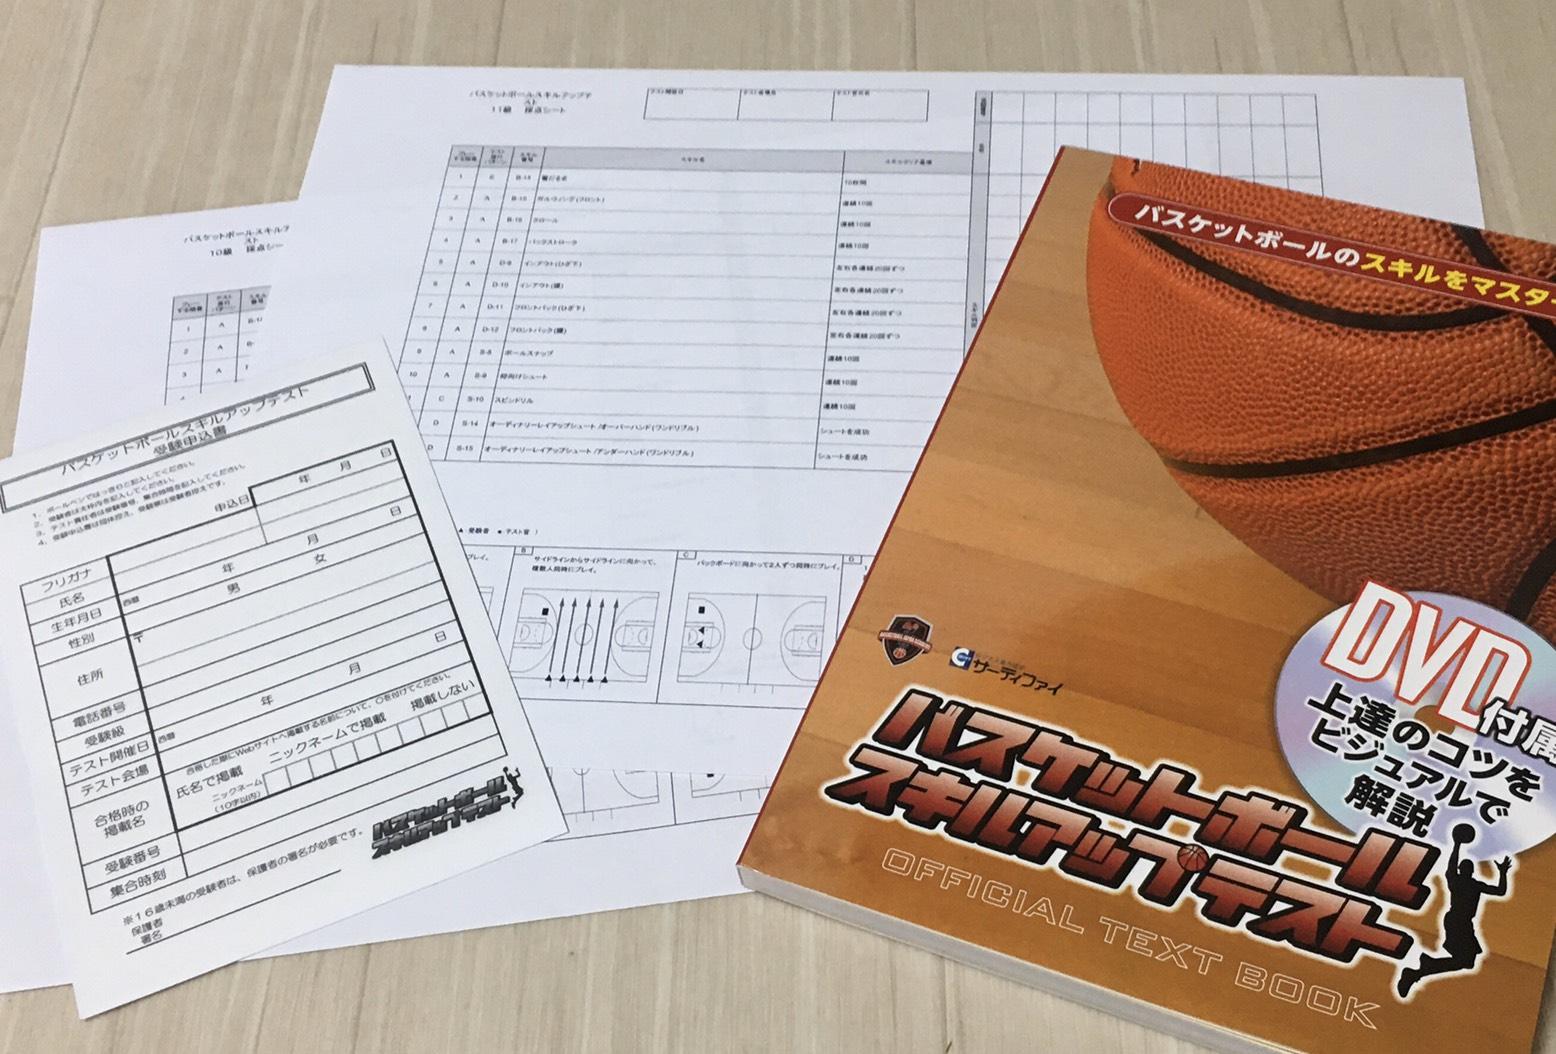 バスケットボールスキルアップテスト